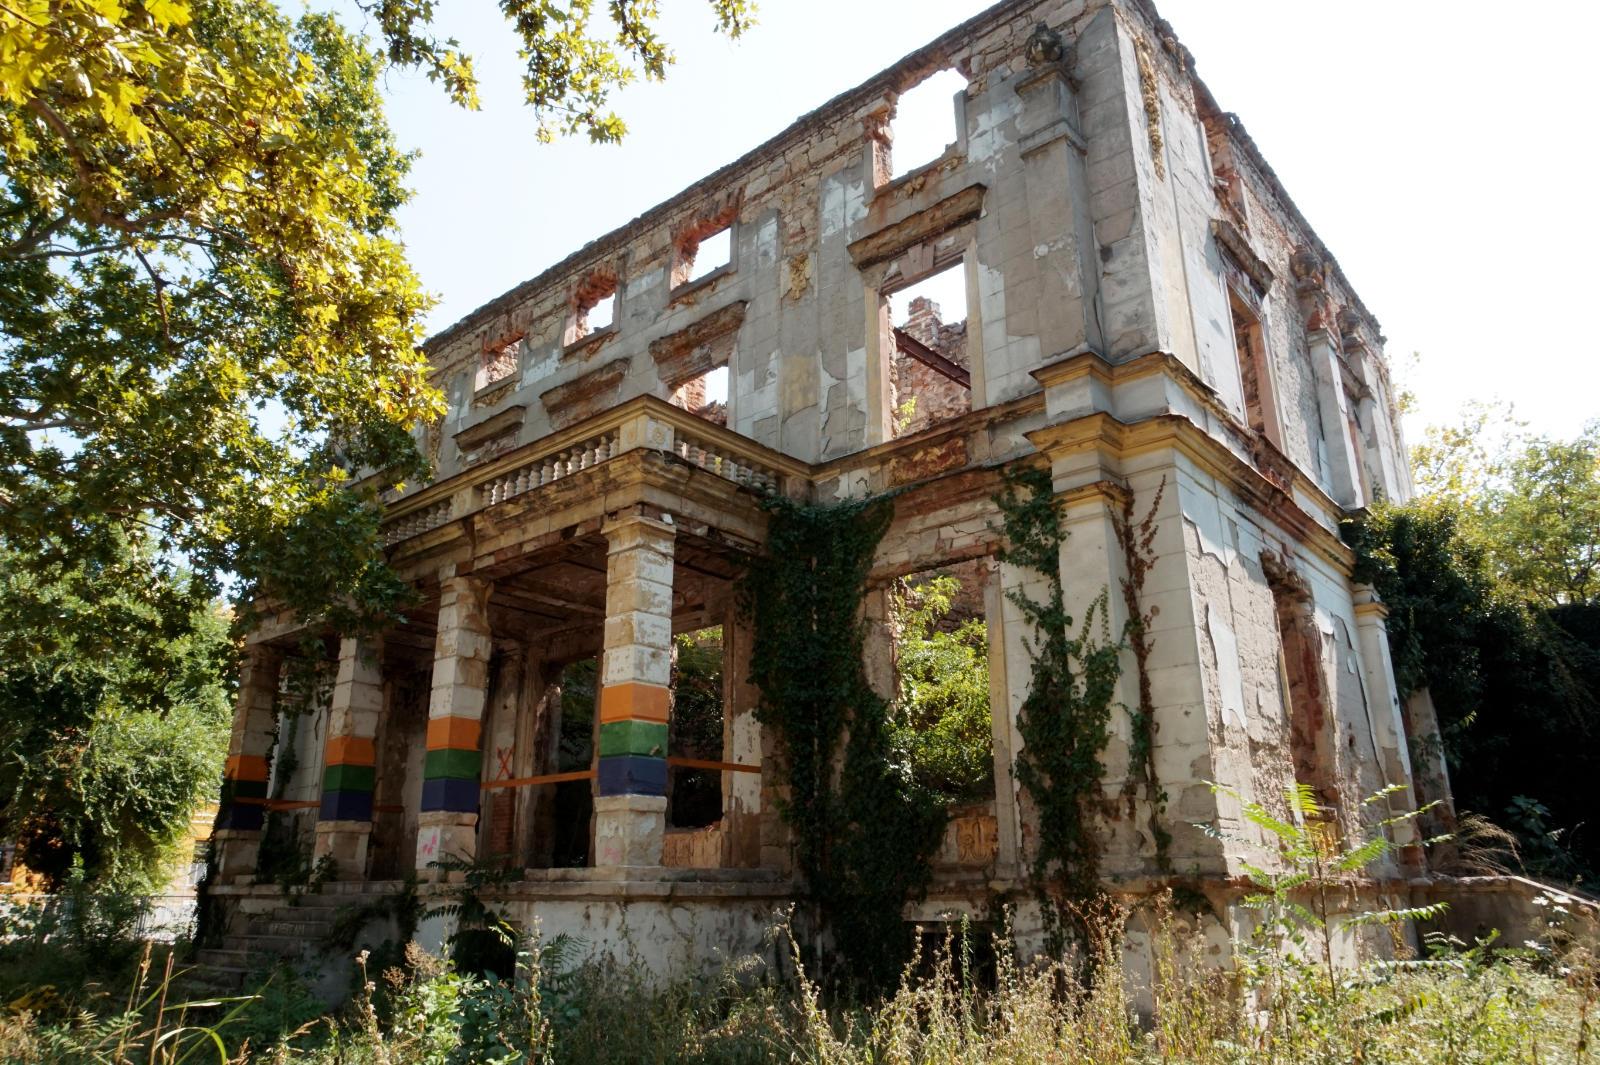 zerbombte Villa in Mostar